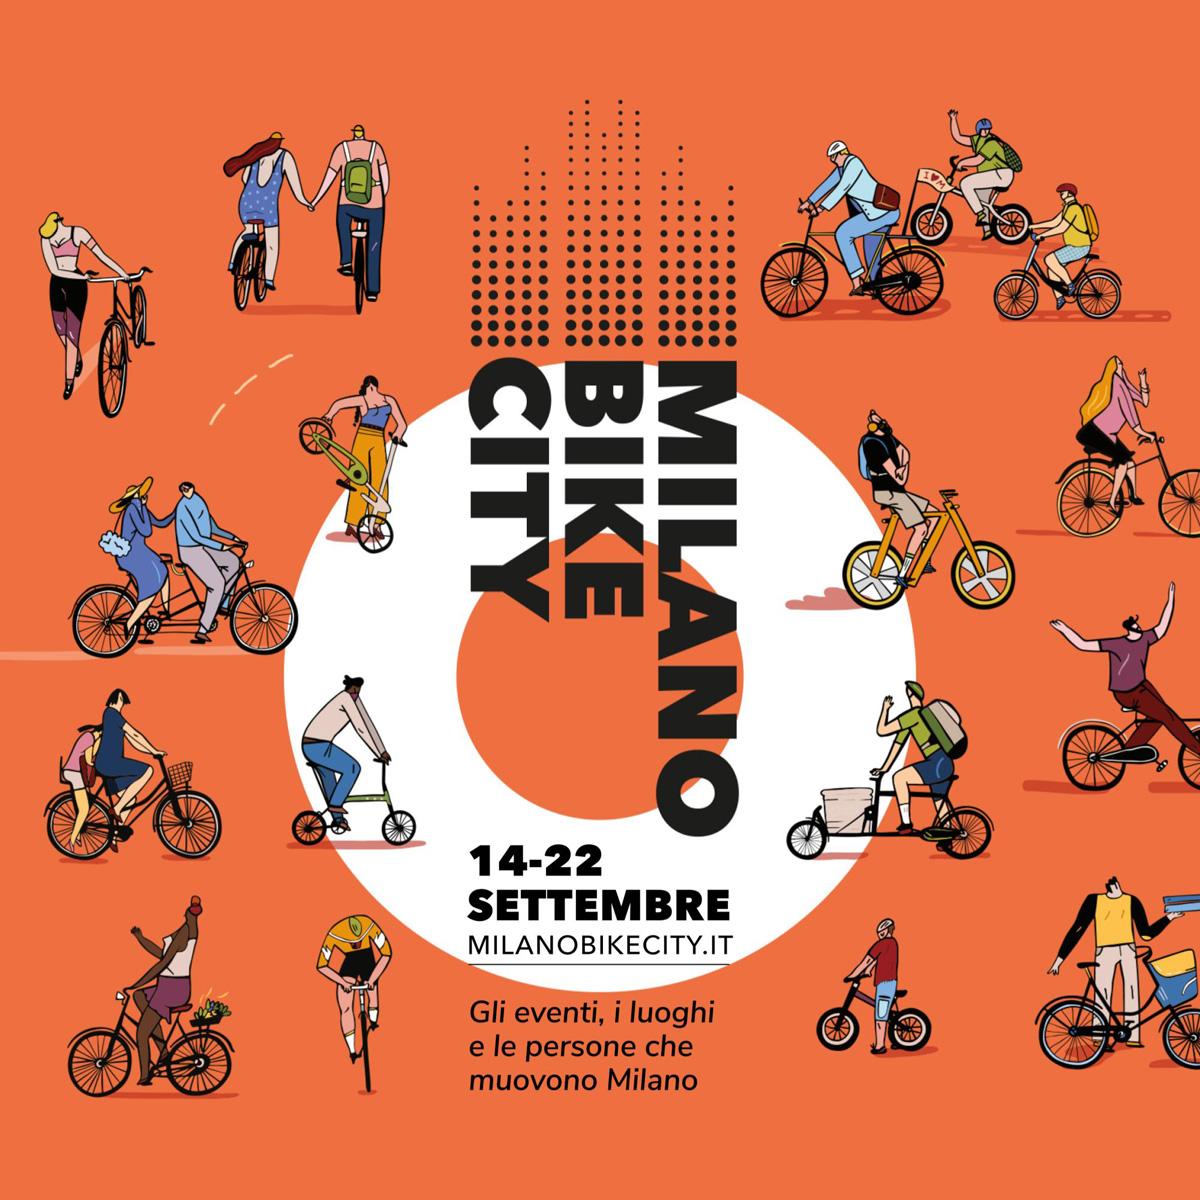 La locandina ufficiale di Milano Bike City 2019